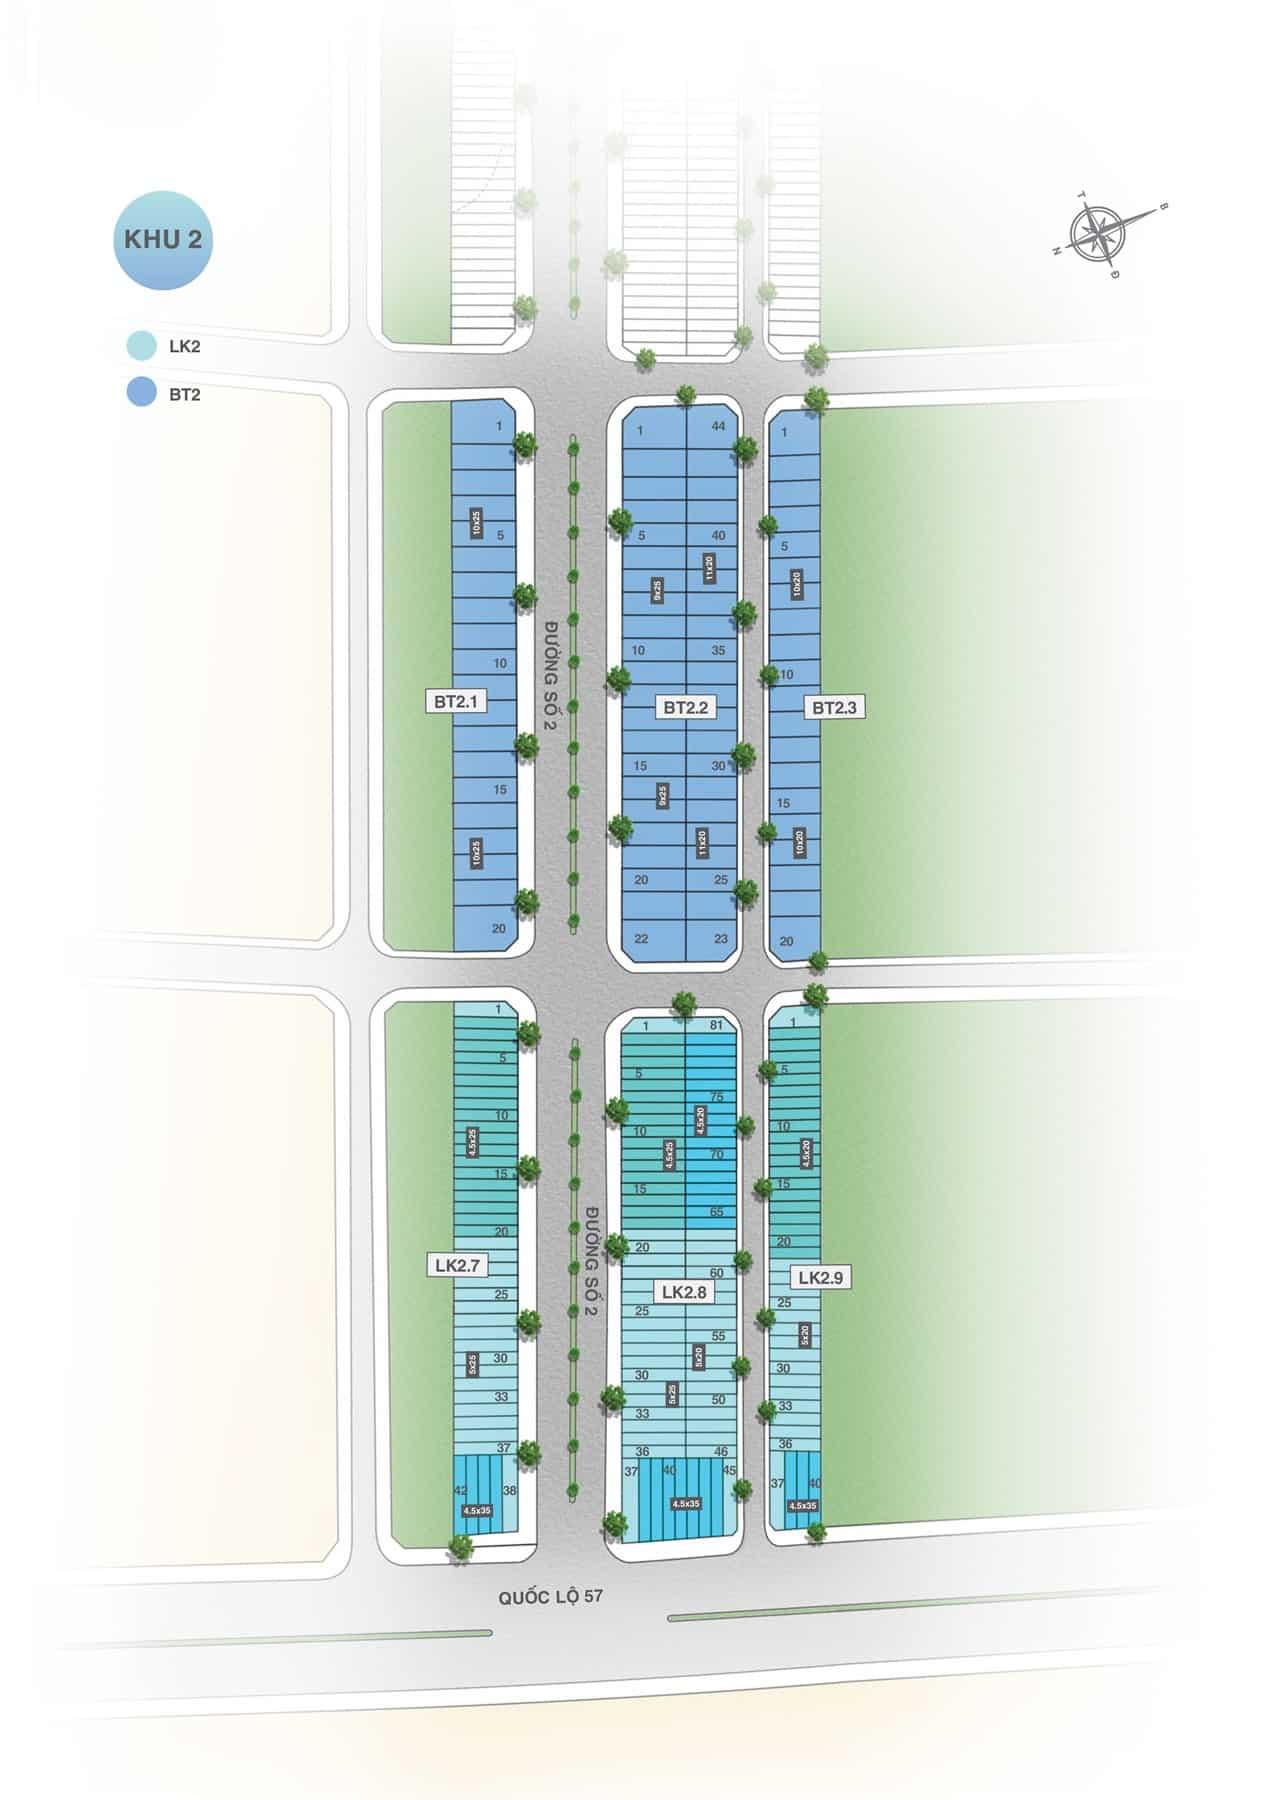 Mặt bằng dự án Hưng Thịnh Vĩnh Long khu 2B